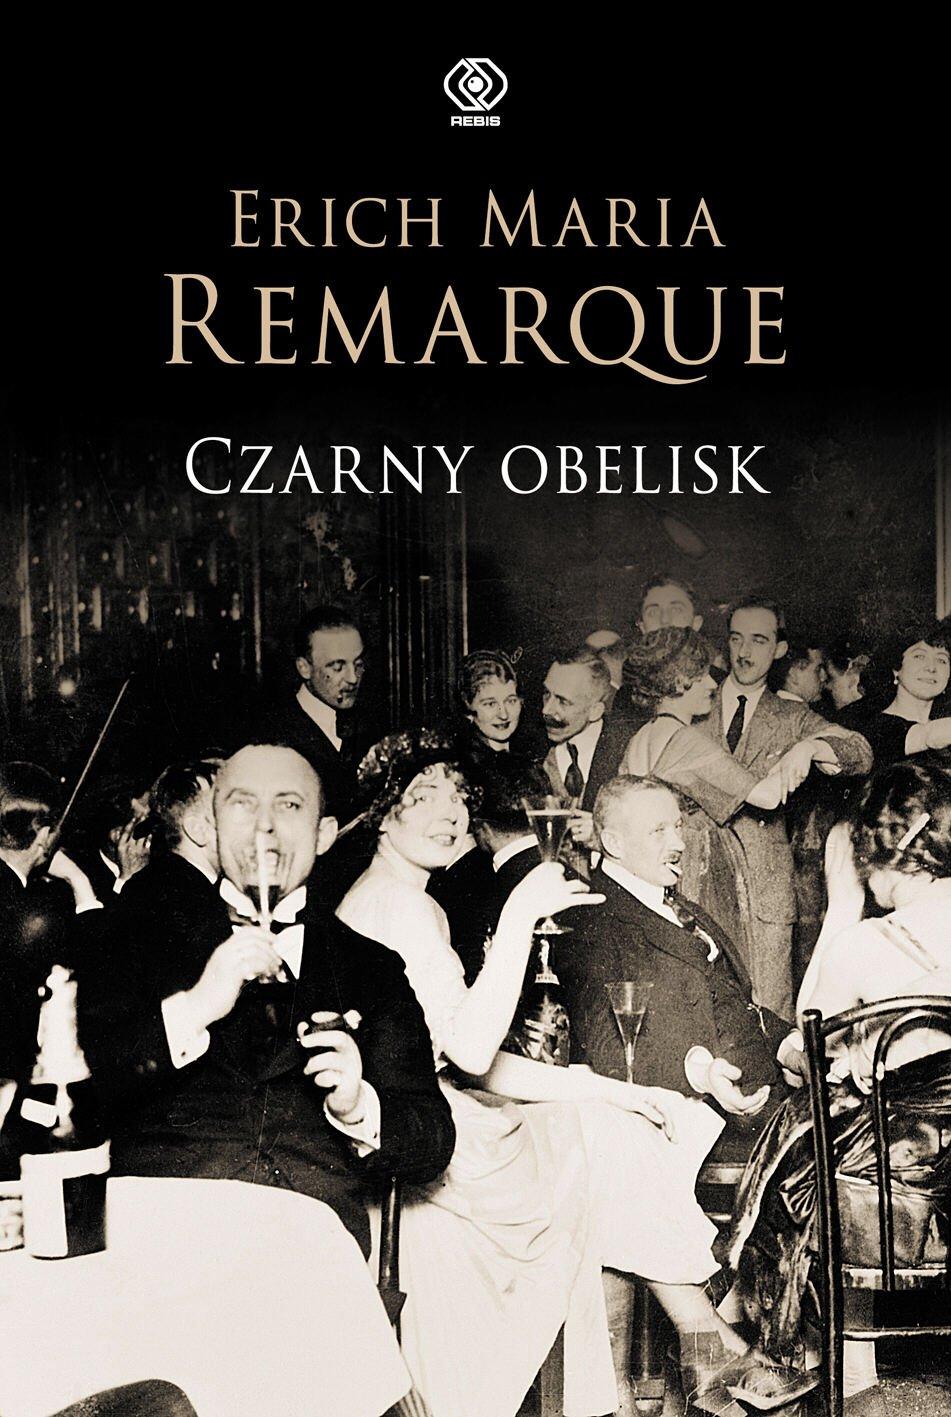 Czarny obelisk - Ebook (Książka na Kindle) do pobrania w formacie MOBI